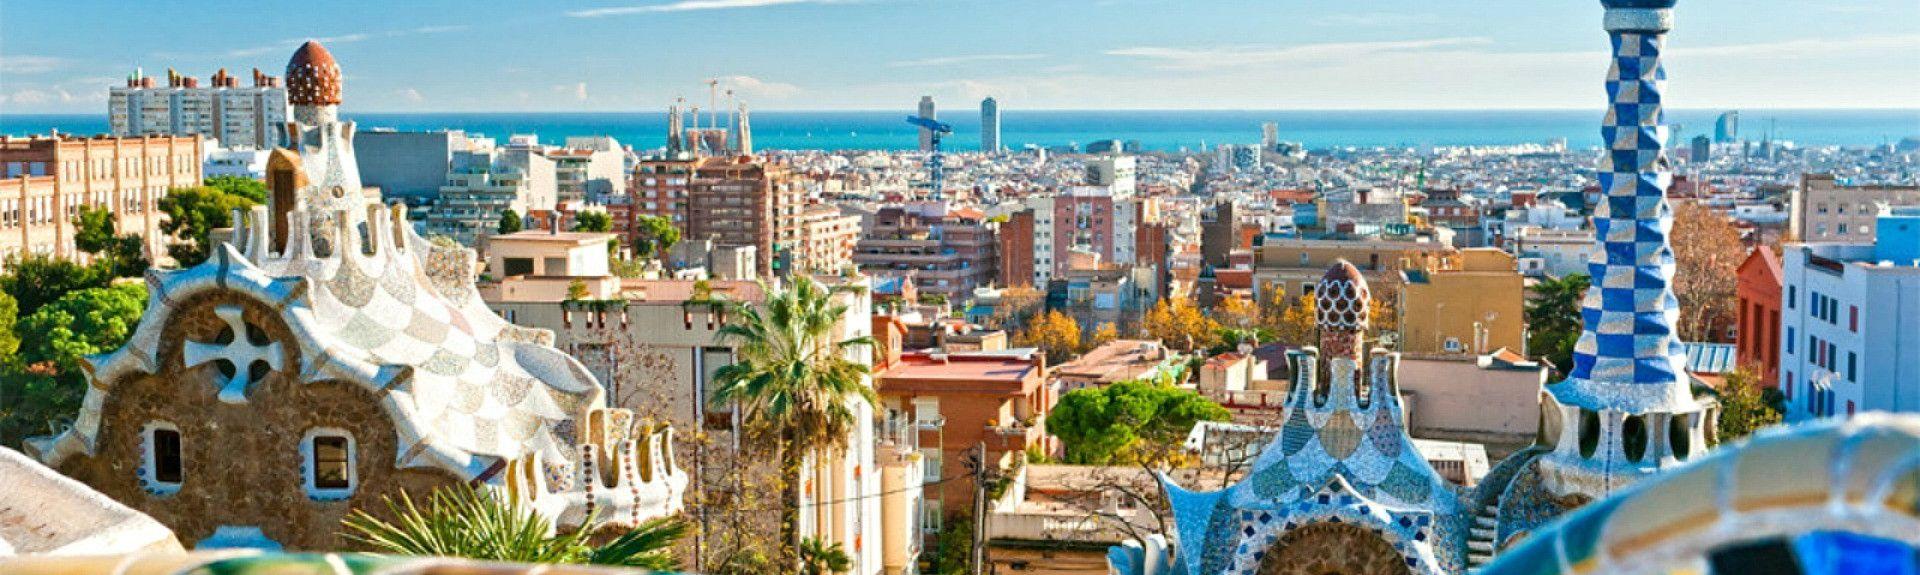 El Poble-sec, Barcelona, Catalonië, Spanje